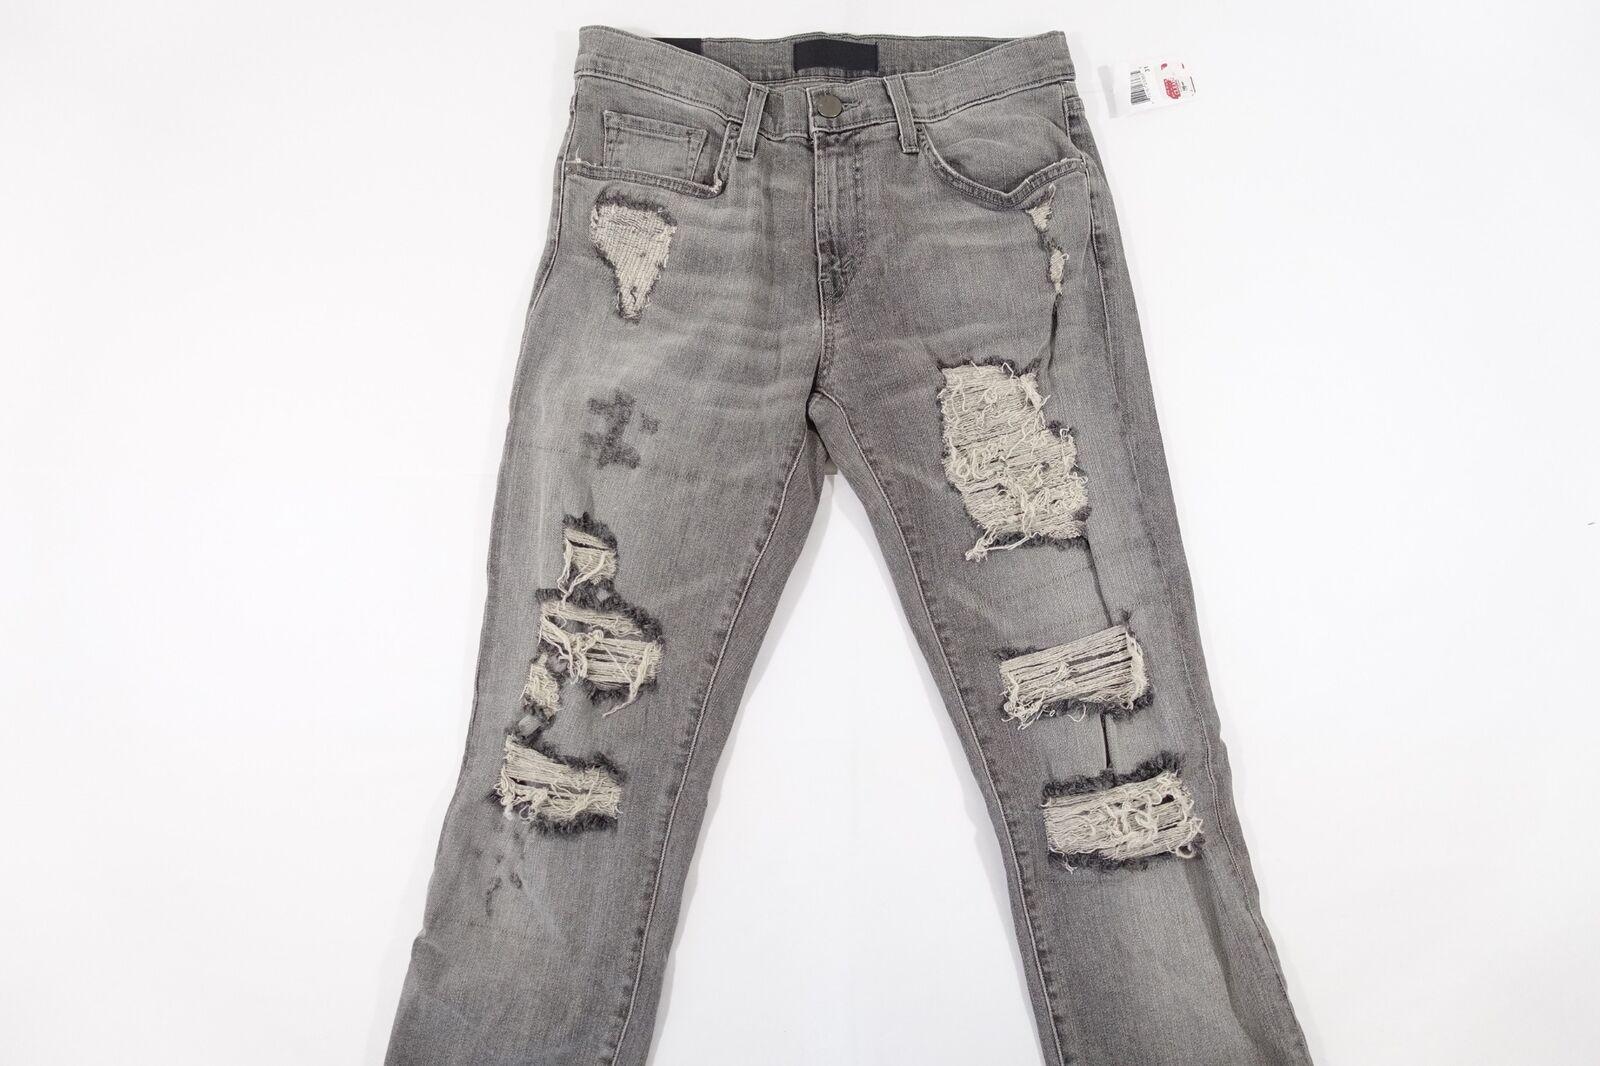 J Brand Verblichen Grau Zerrissen Schnitt Knie 30 Tyler Slim Fit Jeans Herren